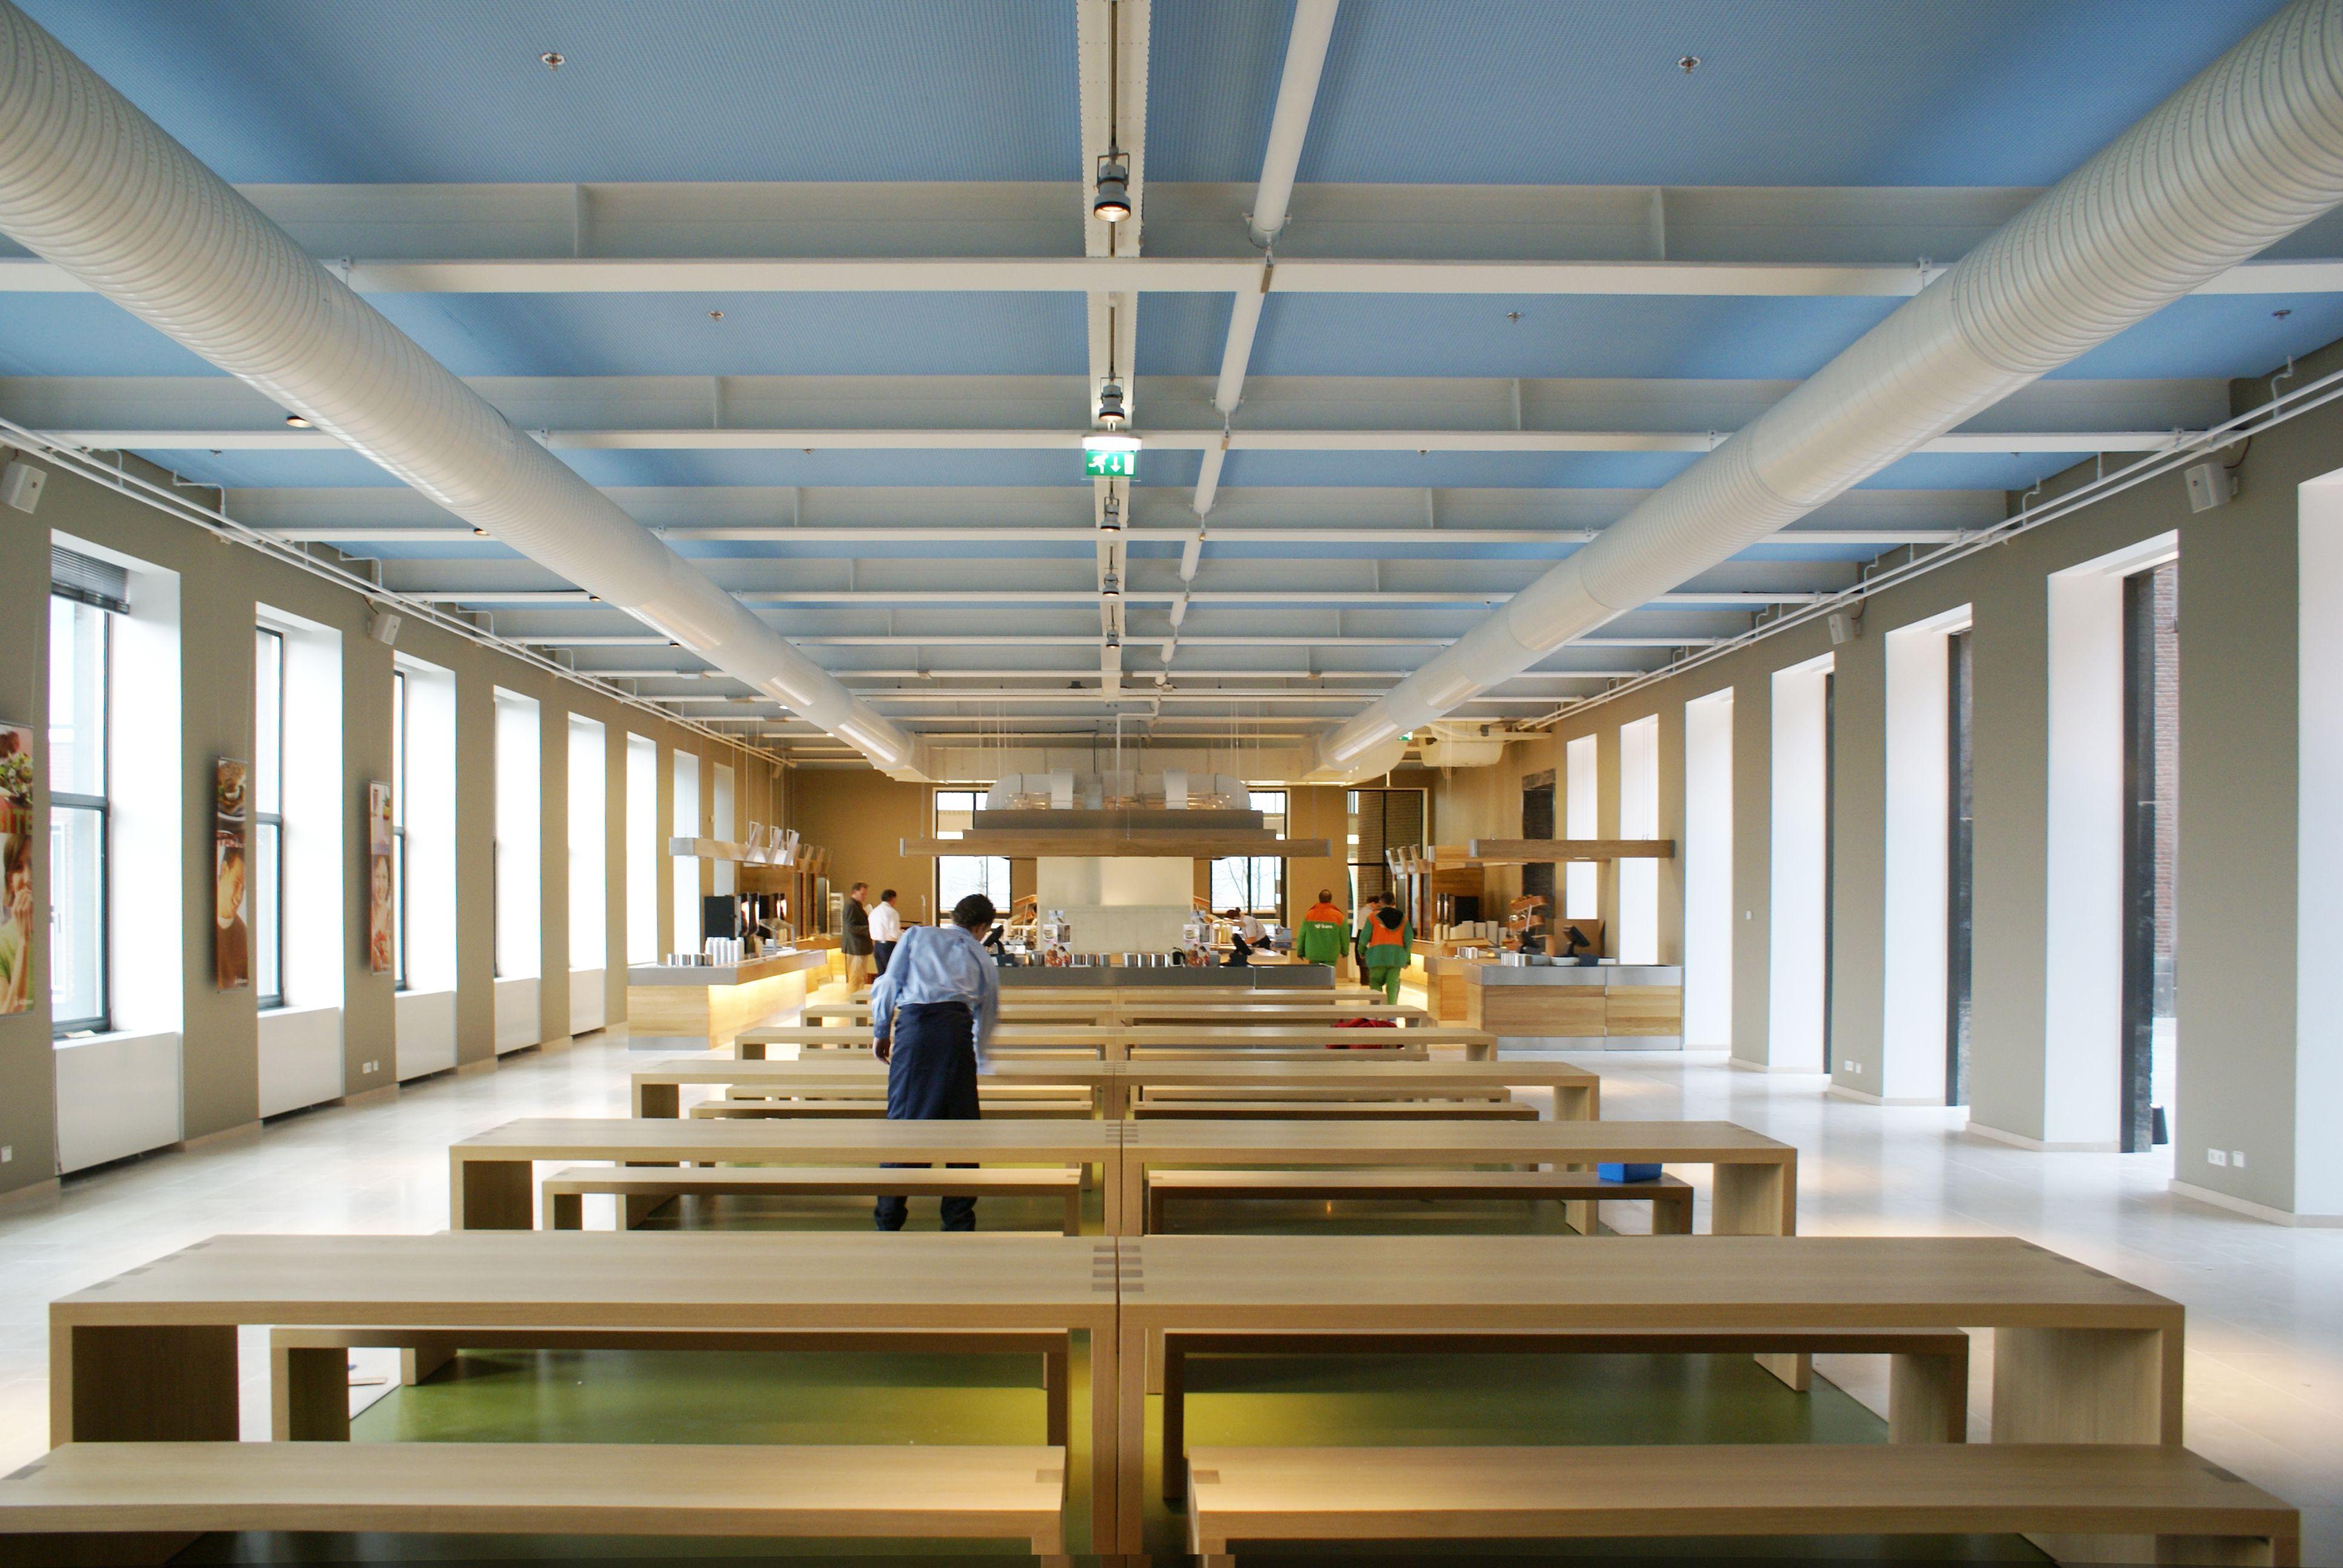 houten tafels #interieur Bedrijfsrestaurant - Essent Den Bosch ...